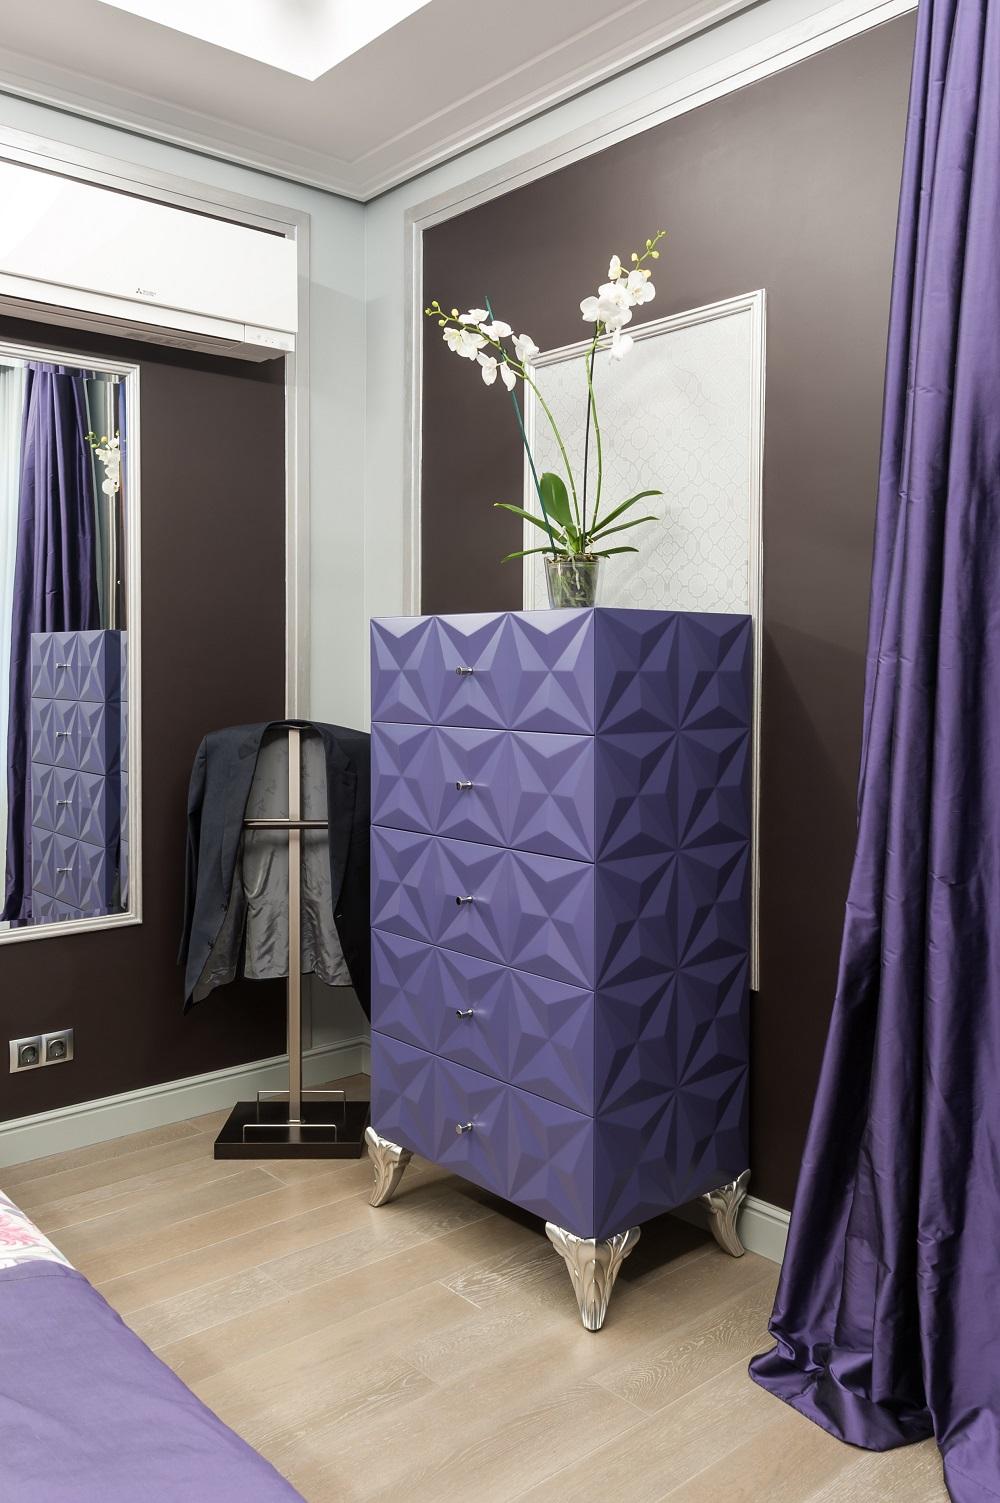 Дизайн интерьера малой спальни. Вид 2